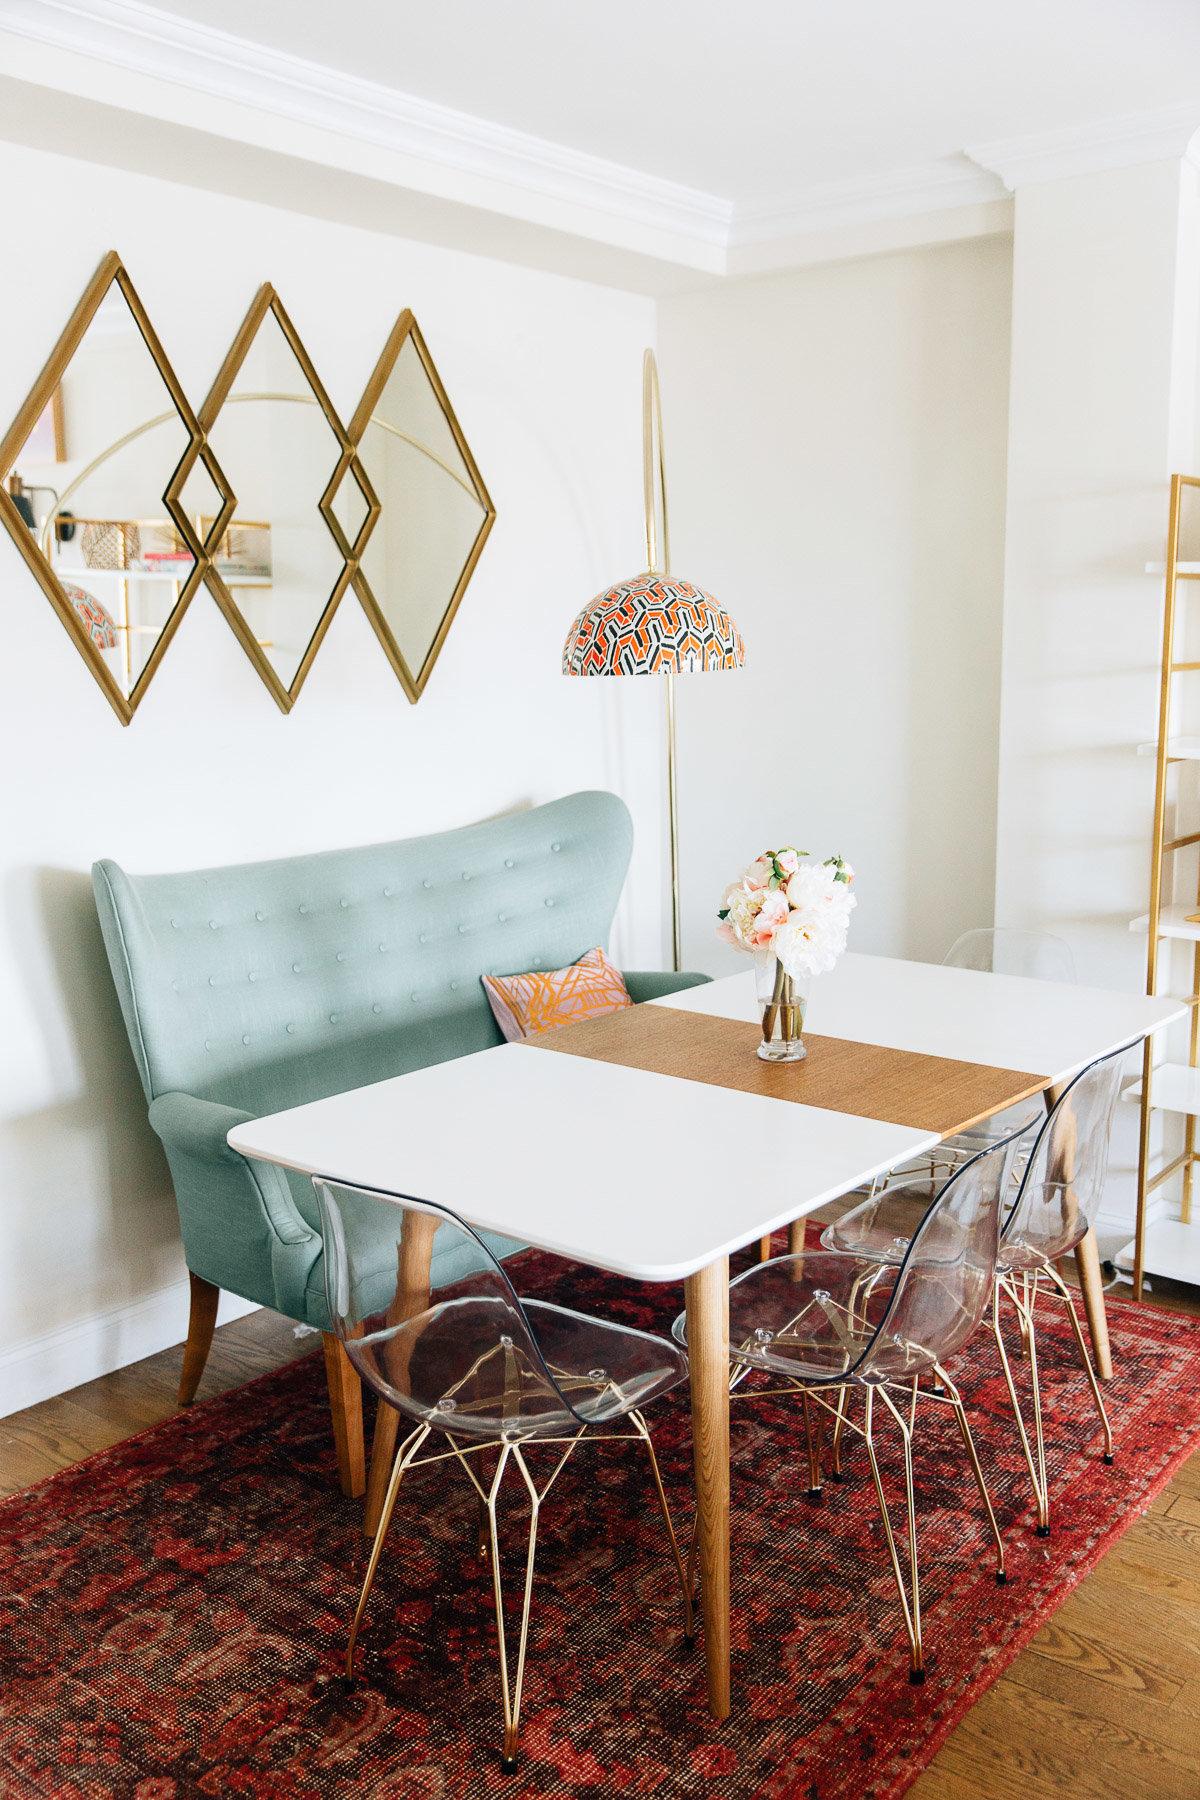 Salle à manger contemporain art déco bleu jaune rouge rose blanc doré marron bois peinture miroir parquet textile métal